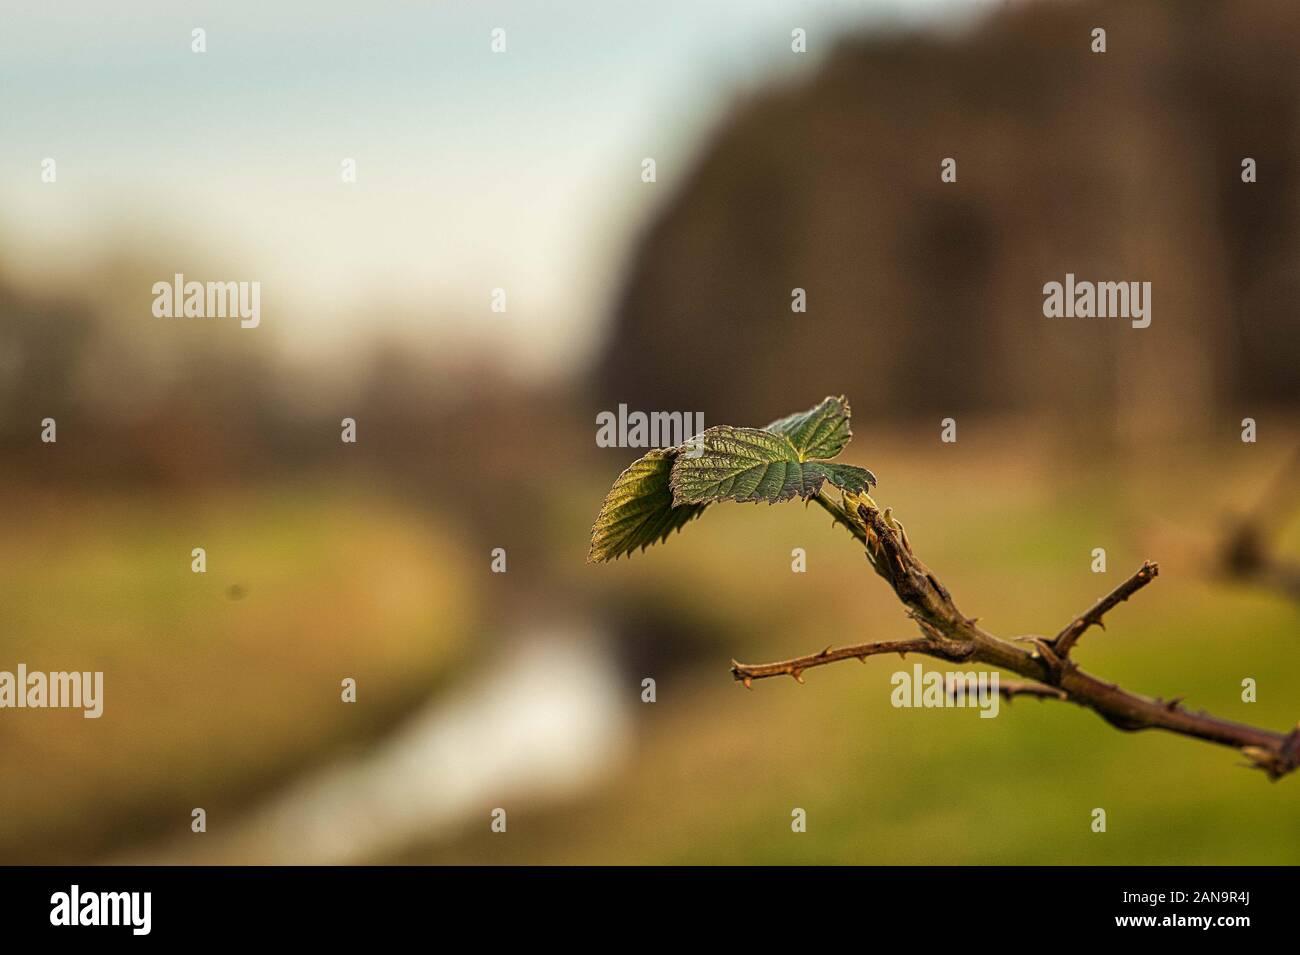 Nordradde nahe Schloss Clemenswerth bei Sögel im Januar 2020 bei warmen Wetter im Winter, Blätter, Blatt mit Bokeh an der Nordradde im Emsland Stock Photo